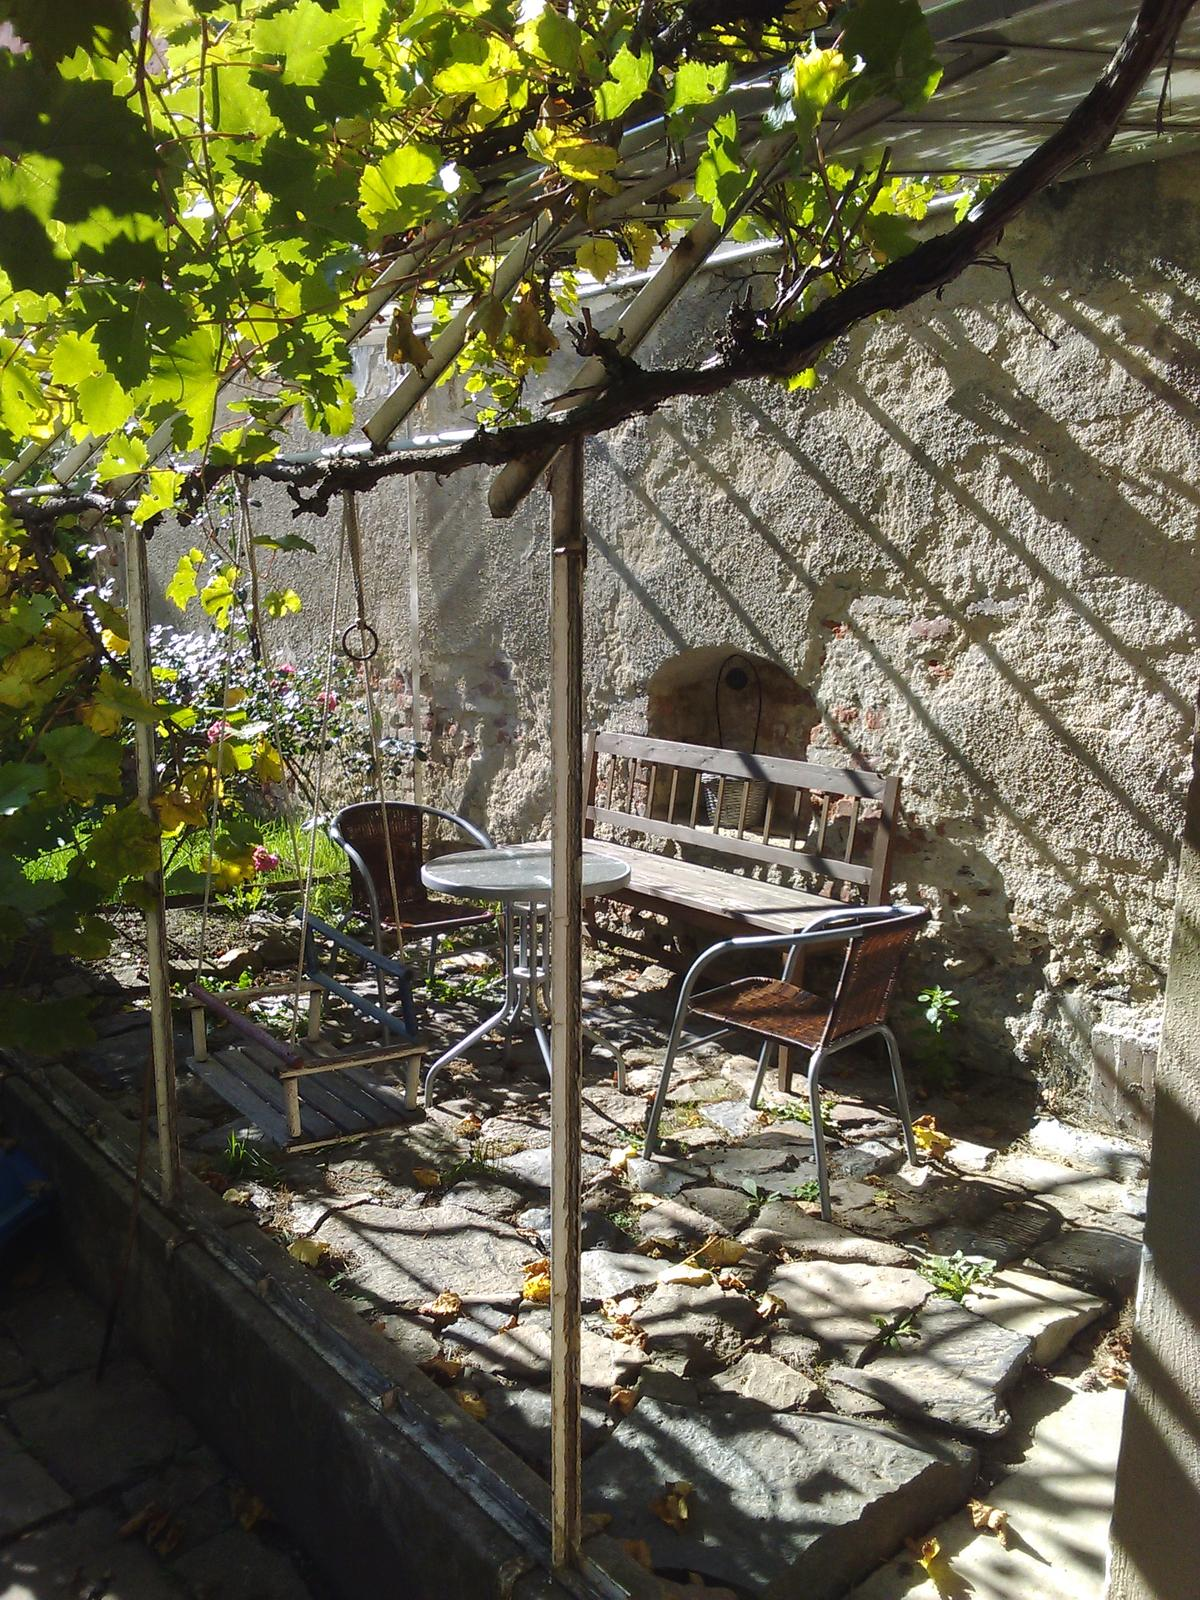 Sladký podzim v mojí kavárně - Posezení v bývalém skleníku - neměli jsme sílu řešit pergolu,  ale lidé si jej kupodivu oblíbili:)